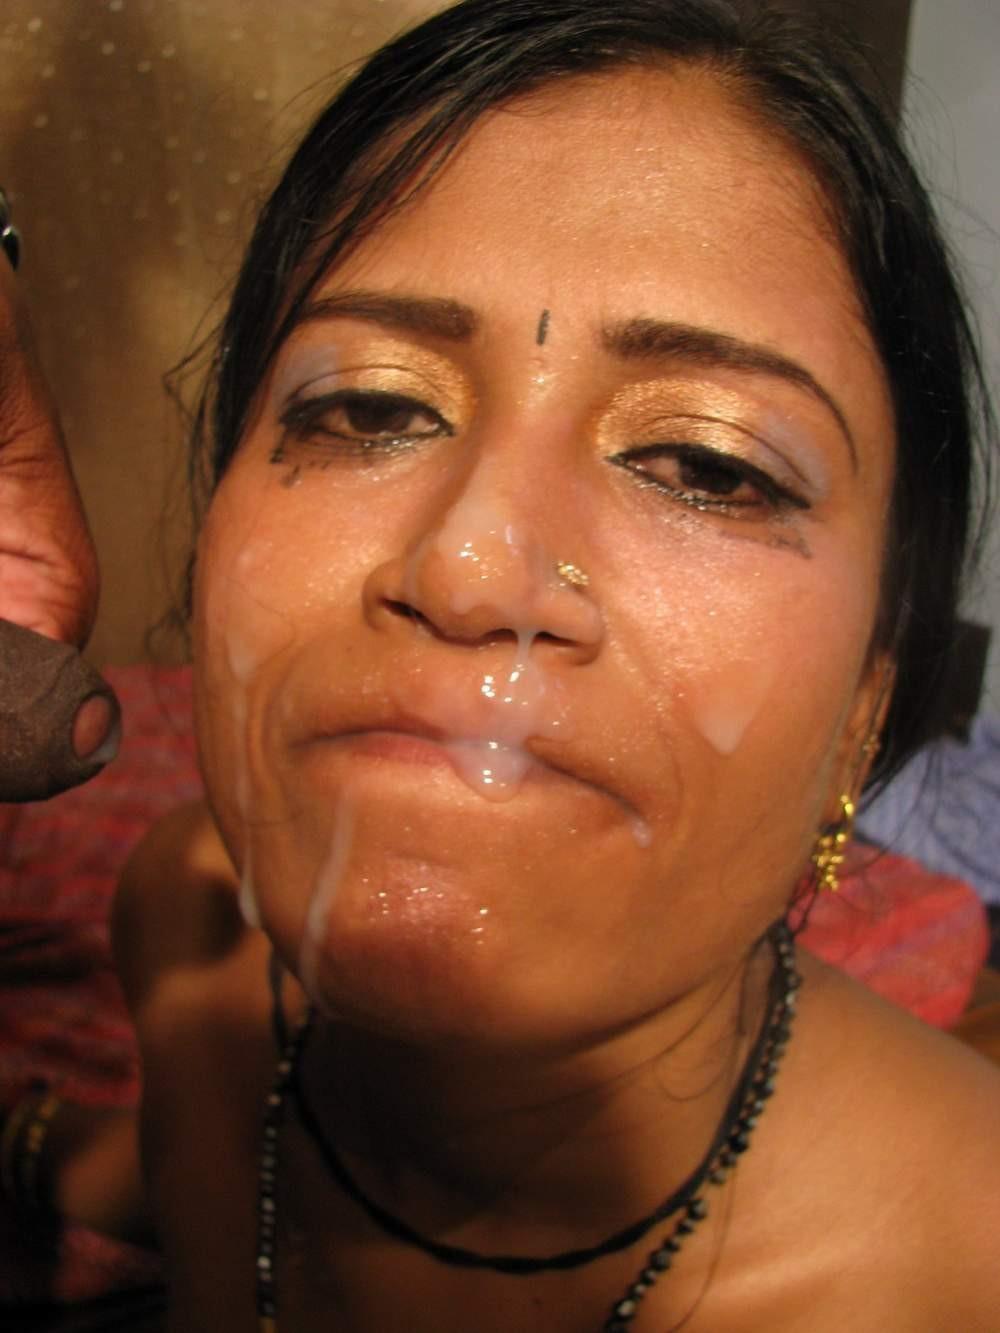 Teen tamil actress devayani cum on face nude girl